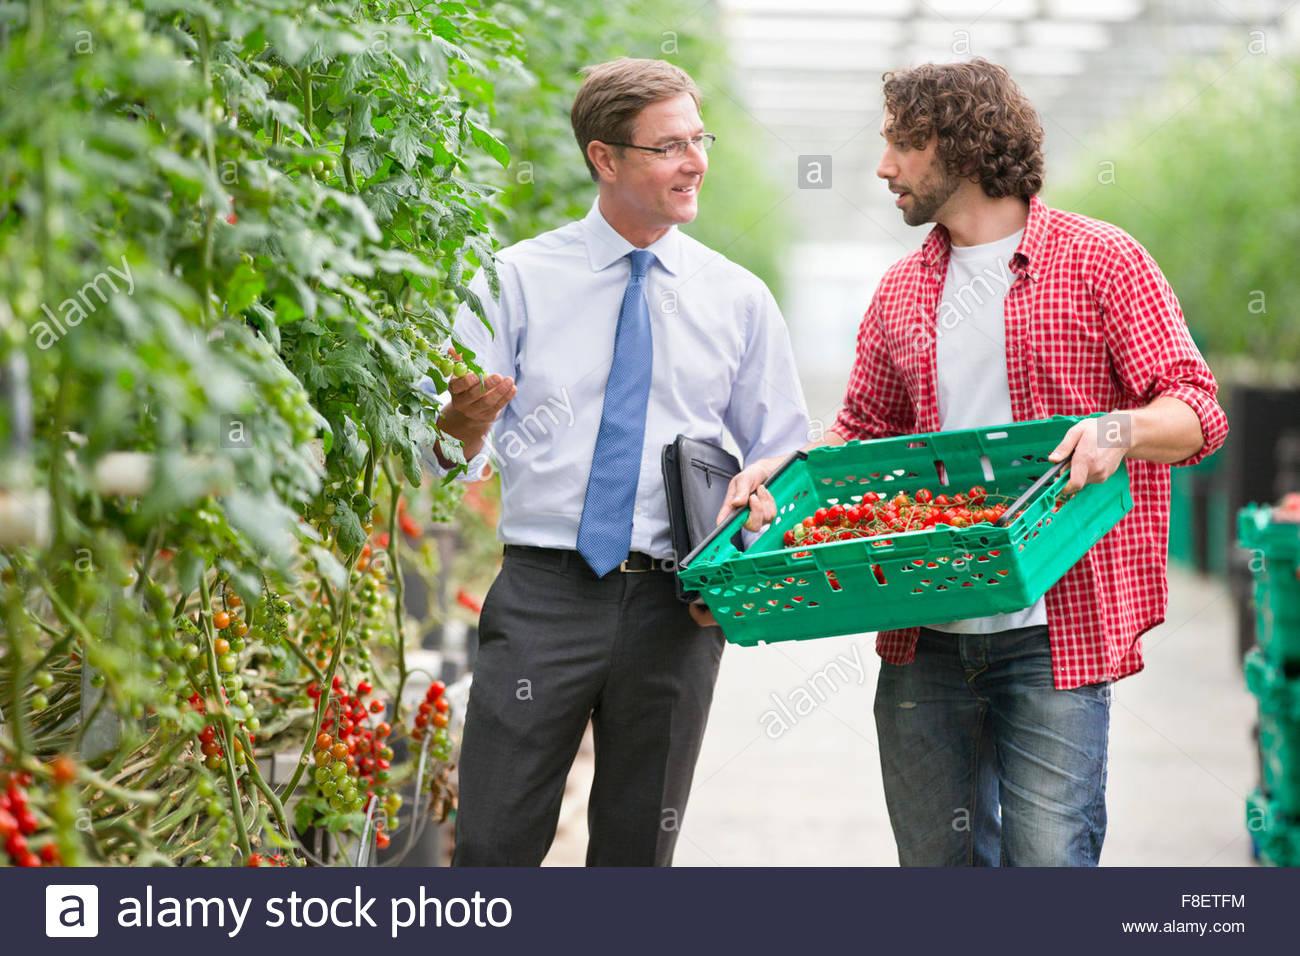 Geschäftsmann und Züchter diskutieren Reife strauchtomaten im Gewächshaus Stockbild